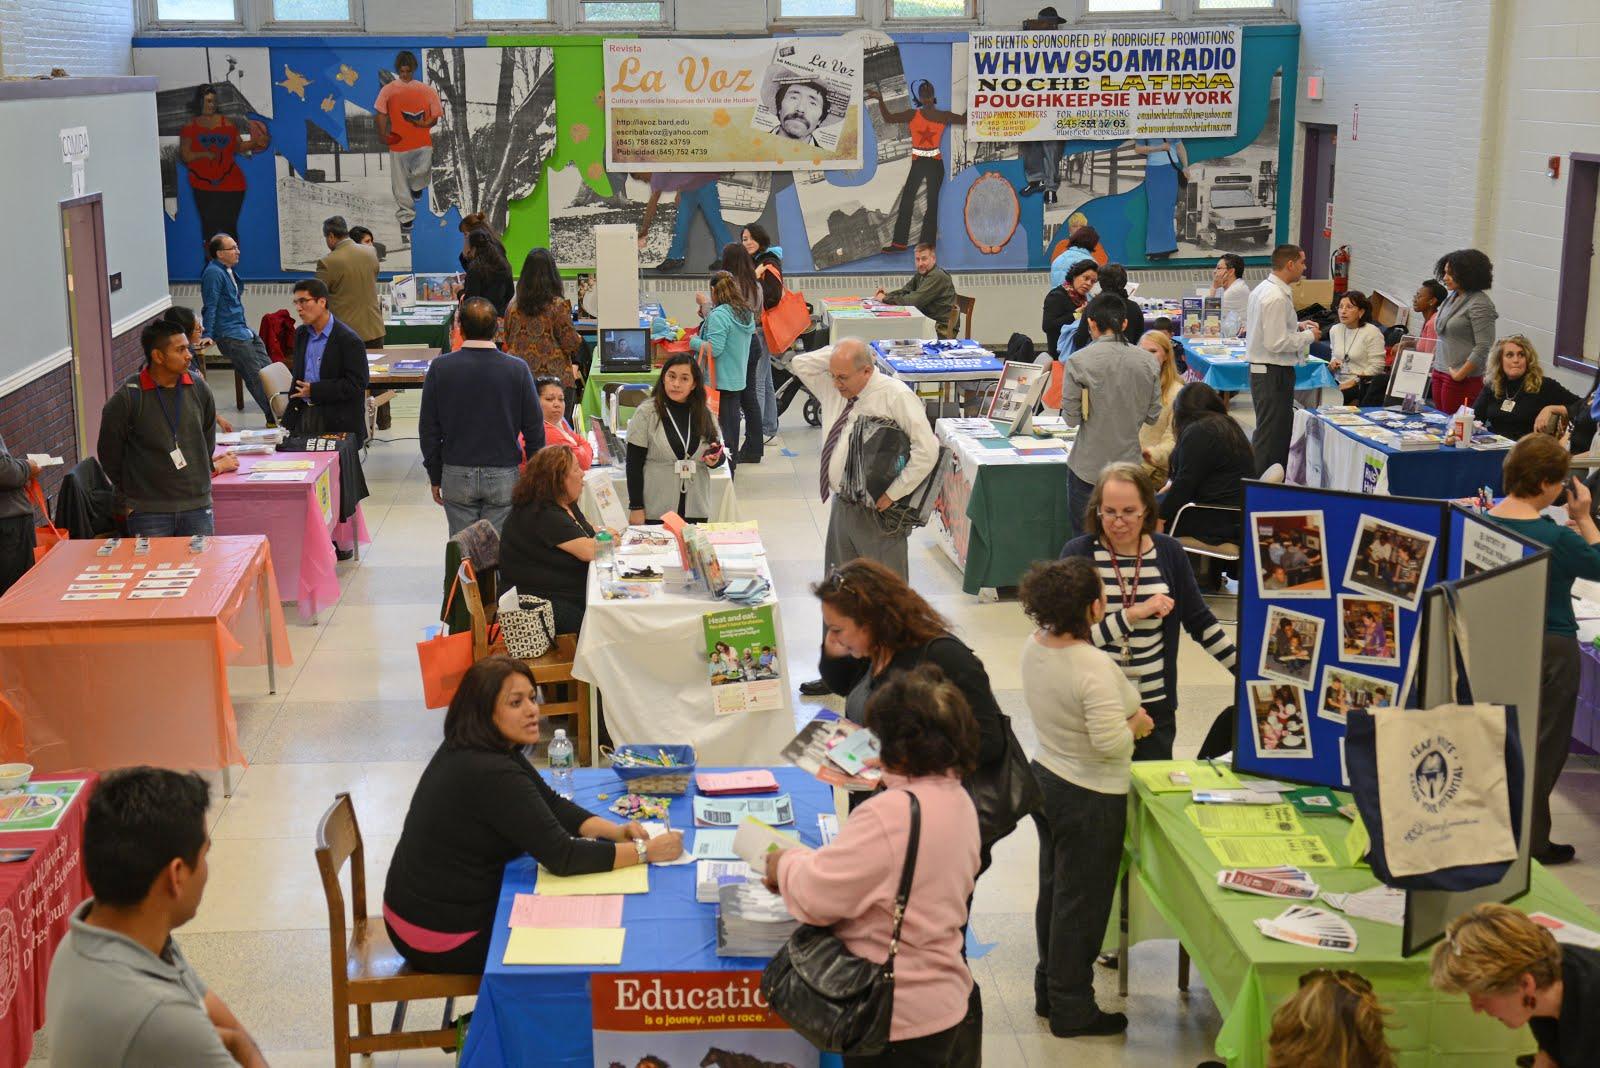 Una imagen de la Feria de Recursos en el Family Partnership Center. Foto de Jay Lawrence.